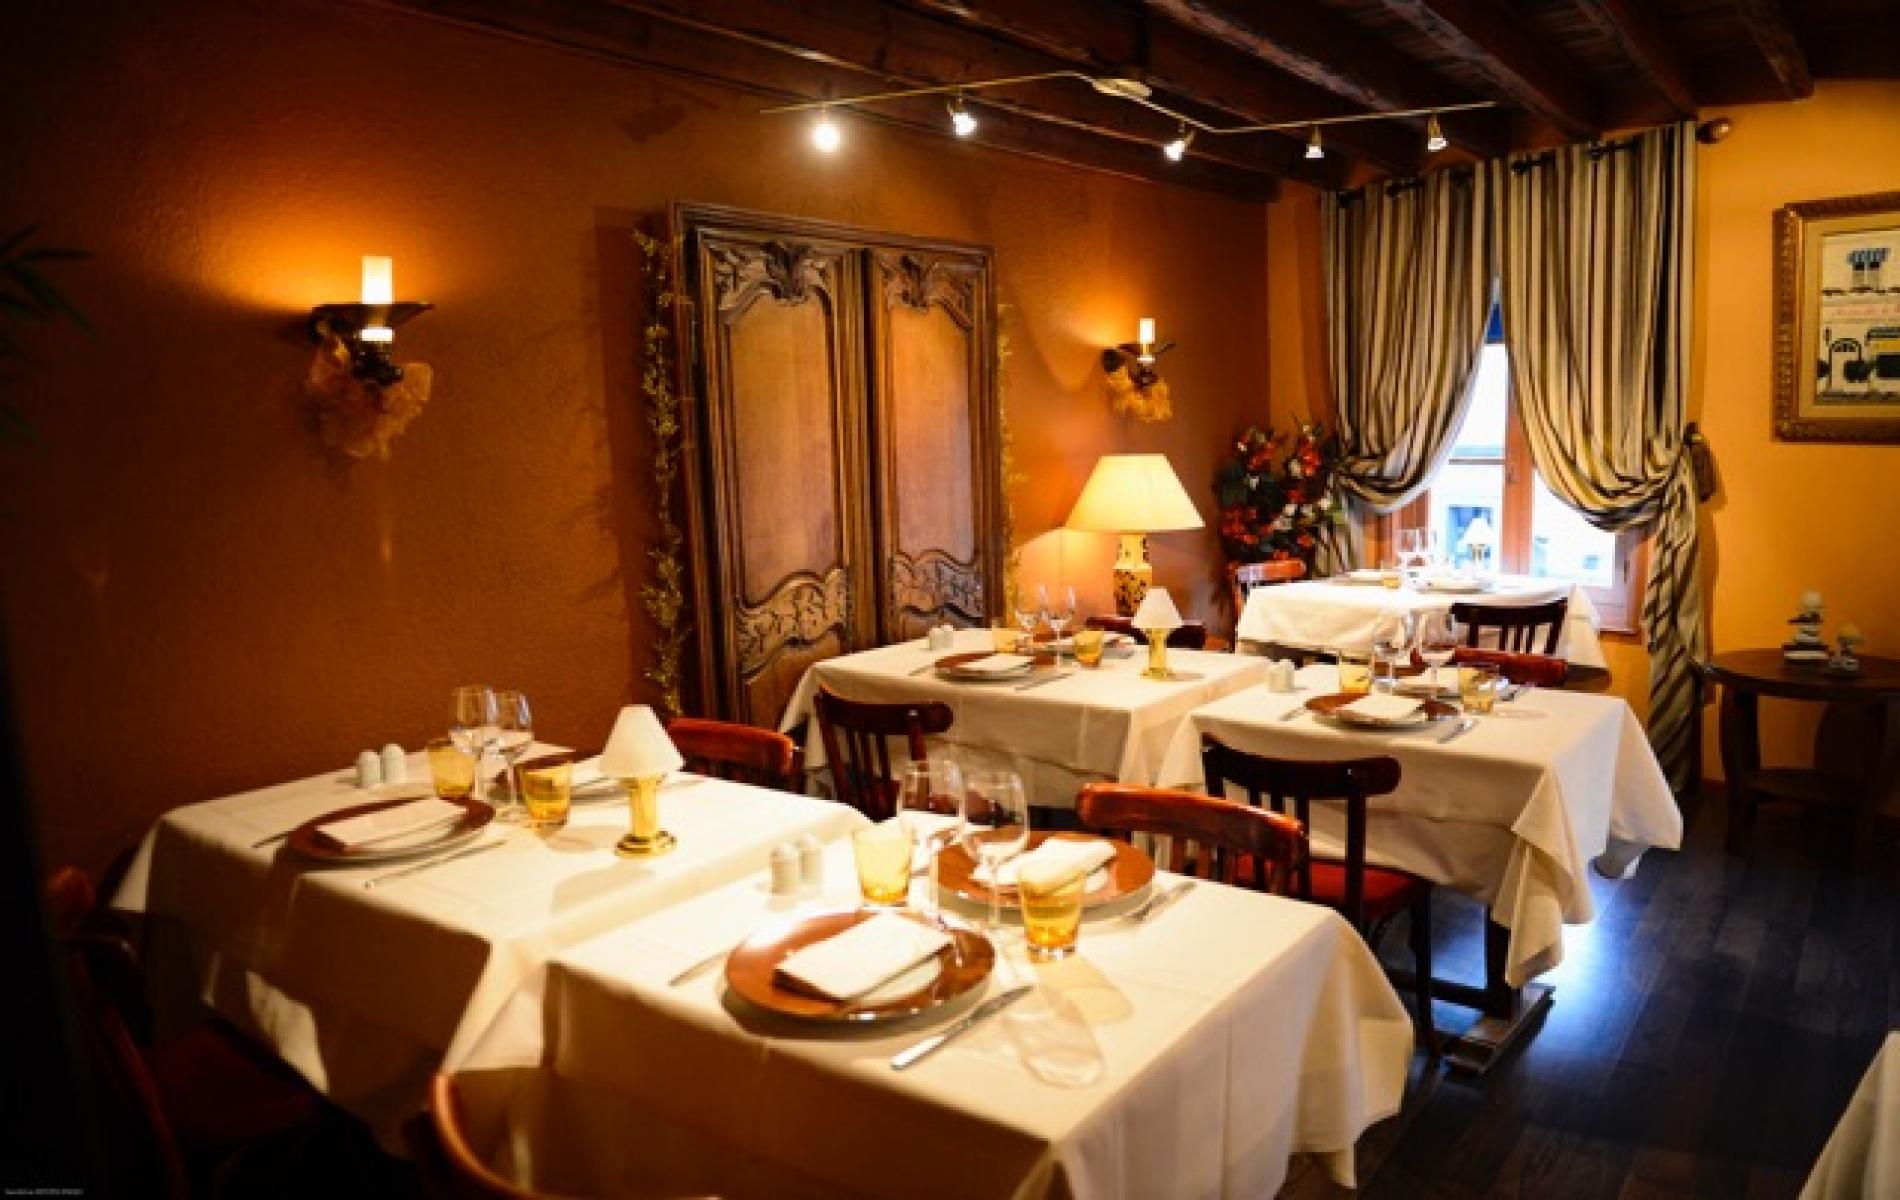 Deauville tourisme h tel almoria deauville for Restaurant le garage deauville